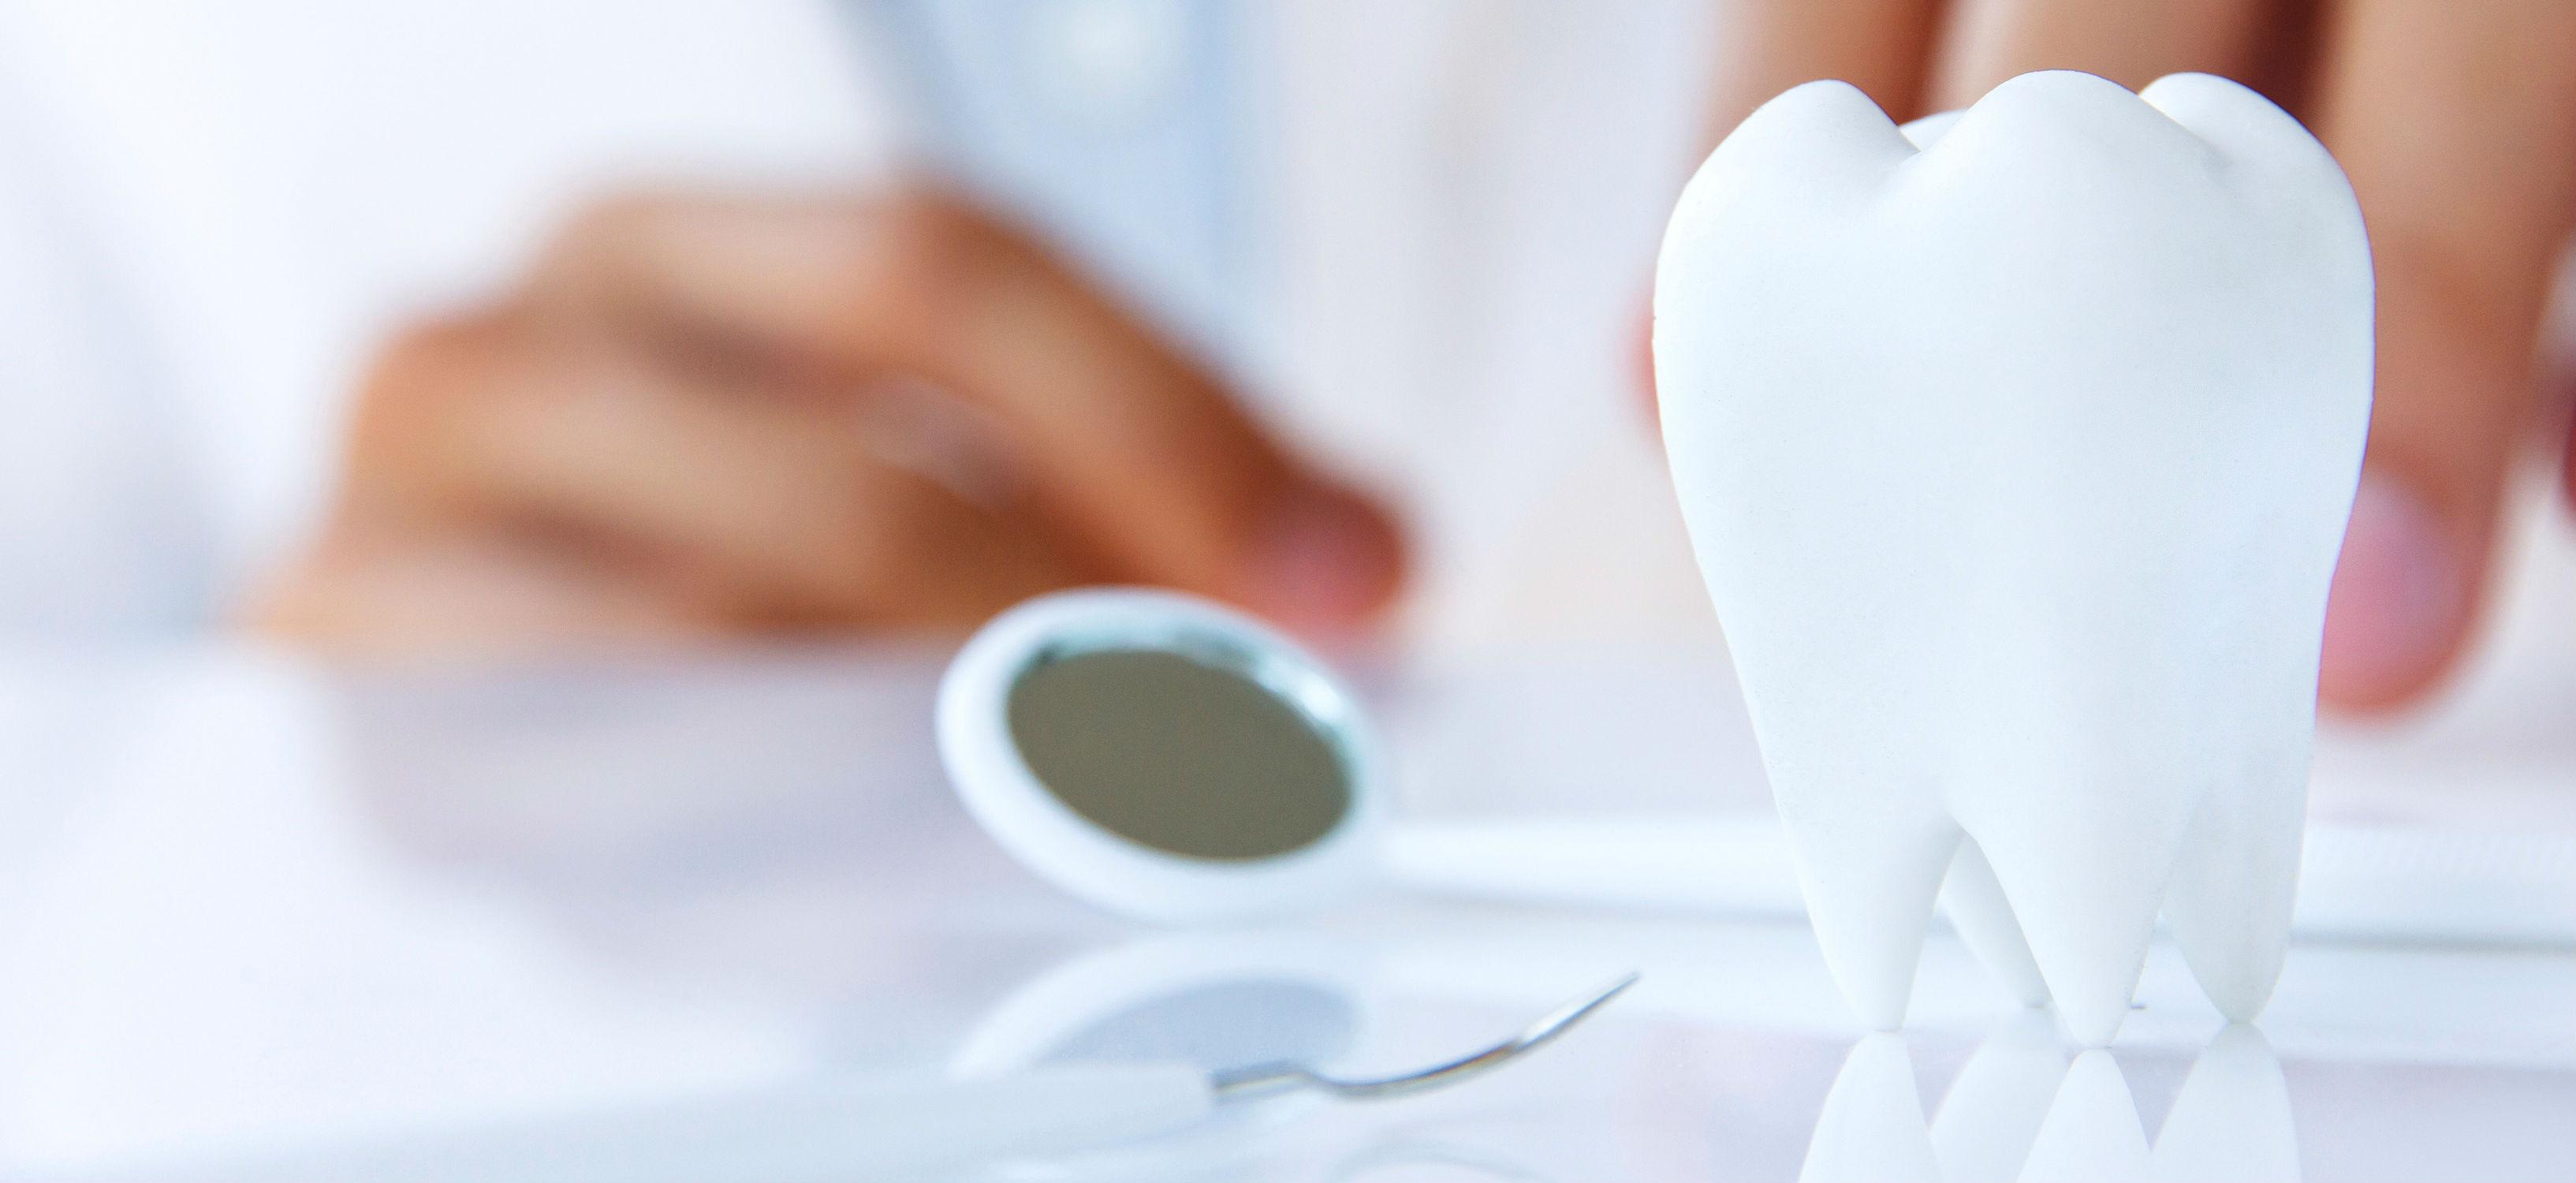 oficina dental.jpg